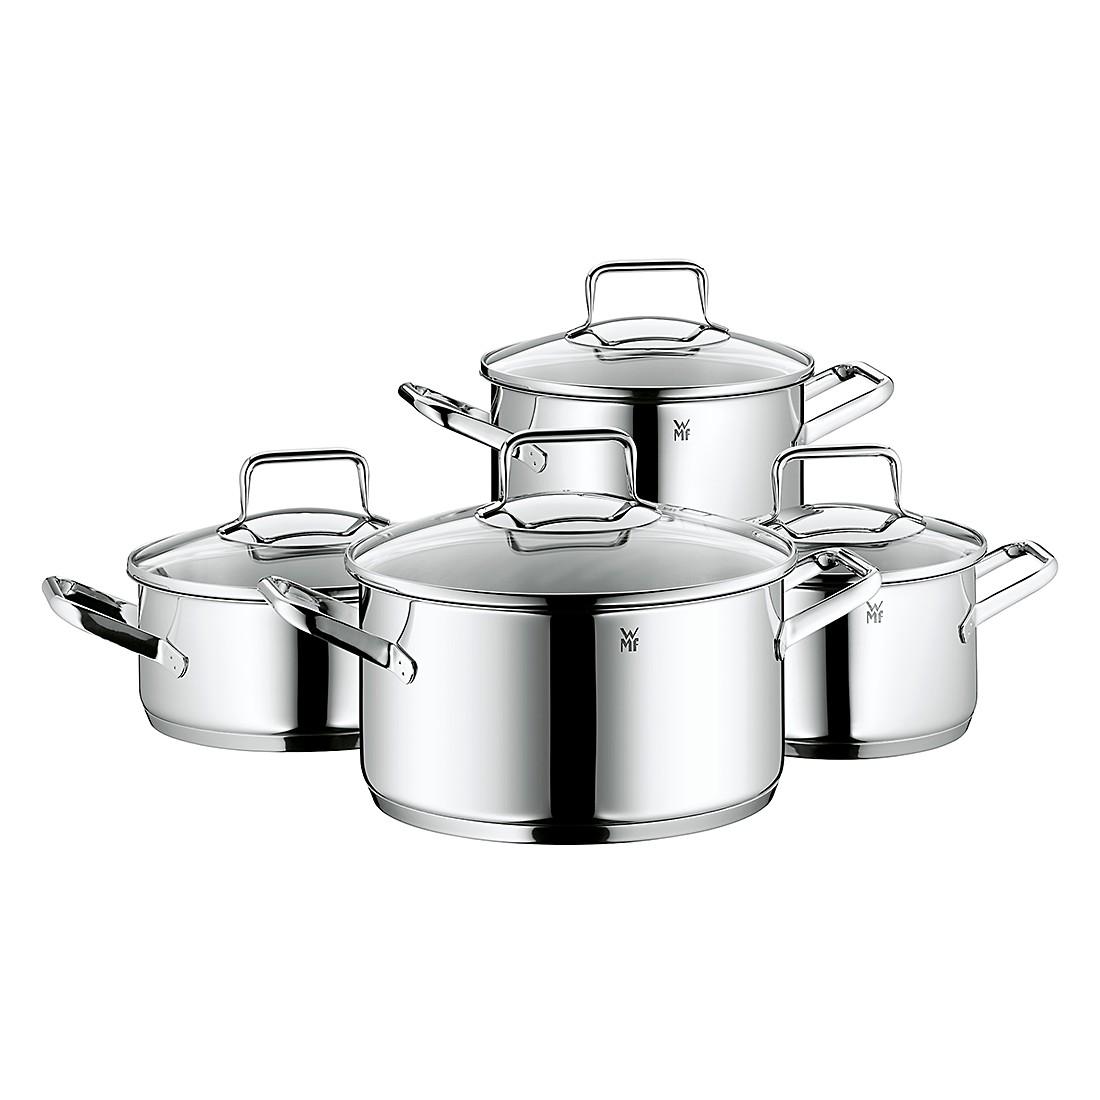 Kochgeschirr-Set (4-teilig) Trend, WMF online kaufen